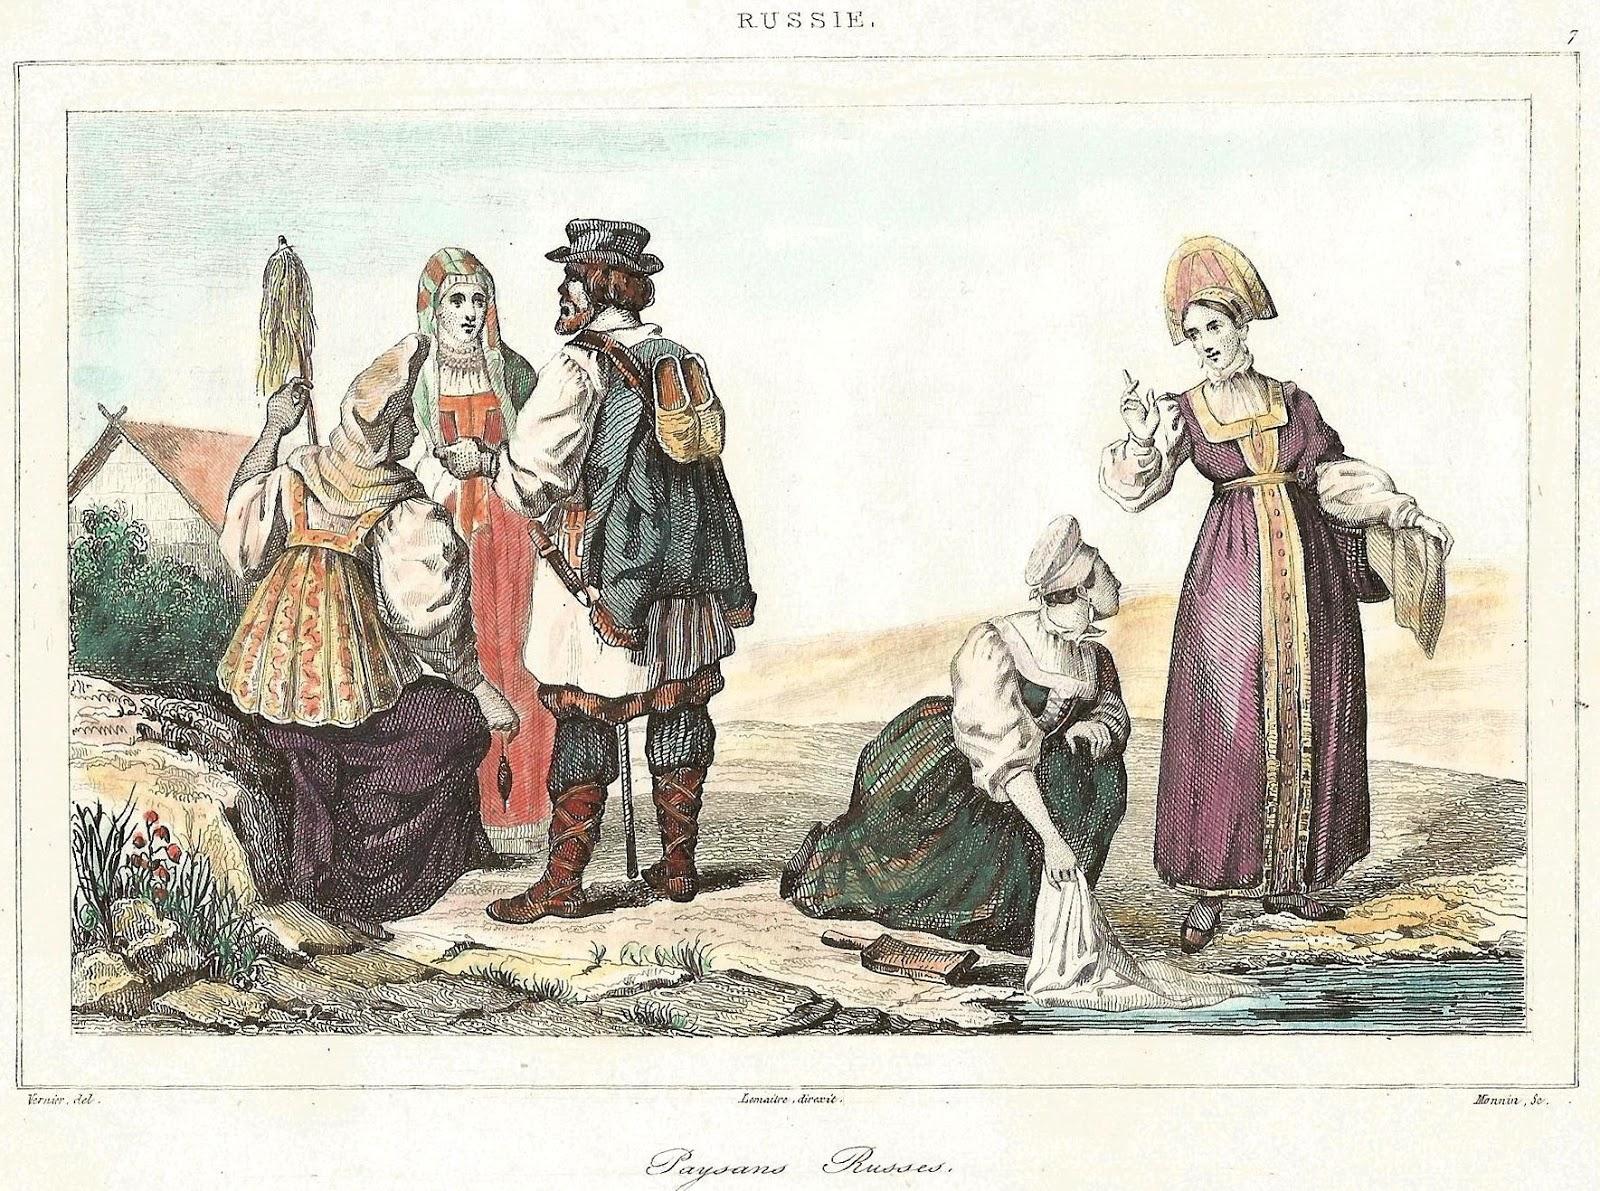 Мини сочинение или рассказ на тему один день из жизни крестьянина 6класс история средних веков